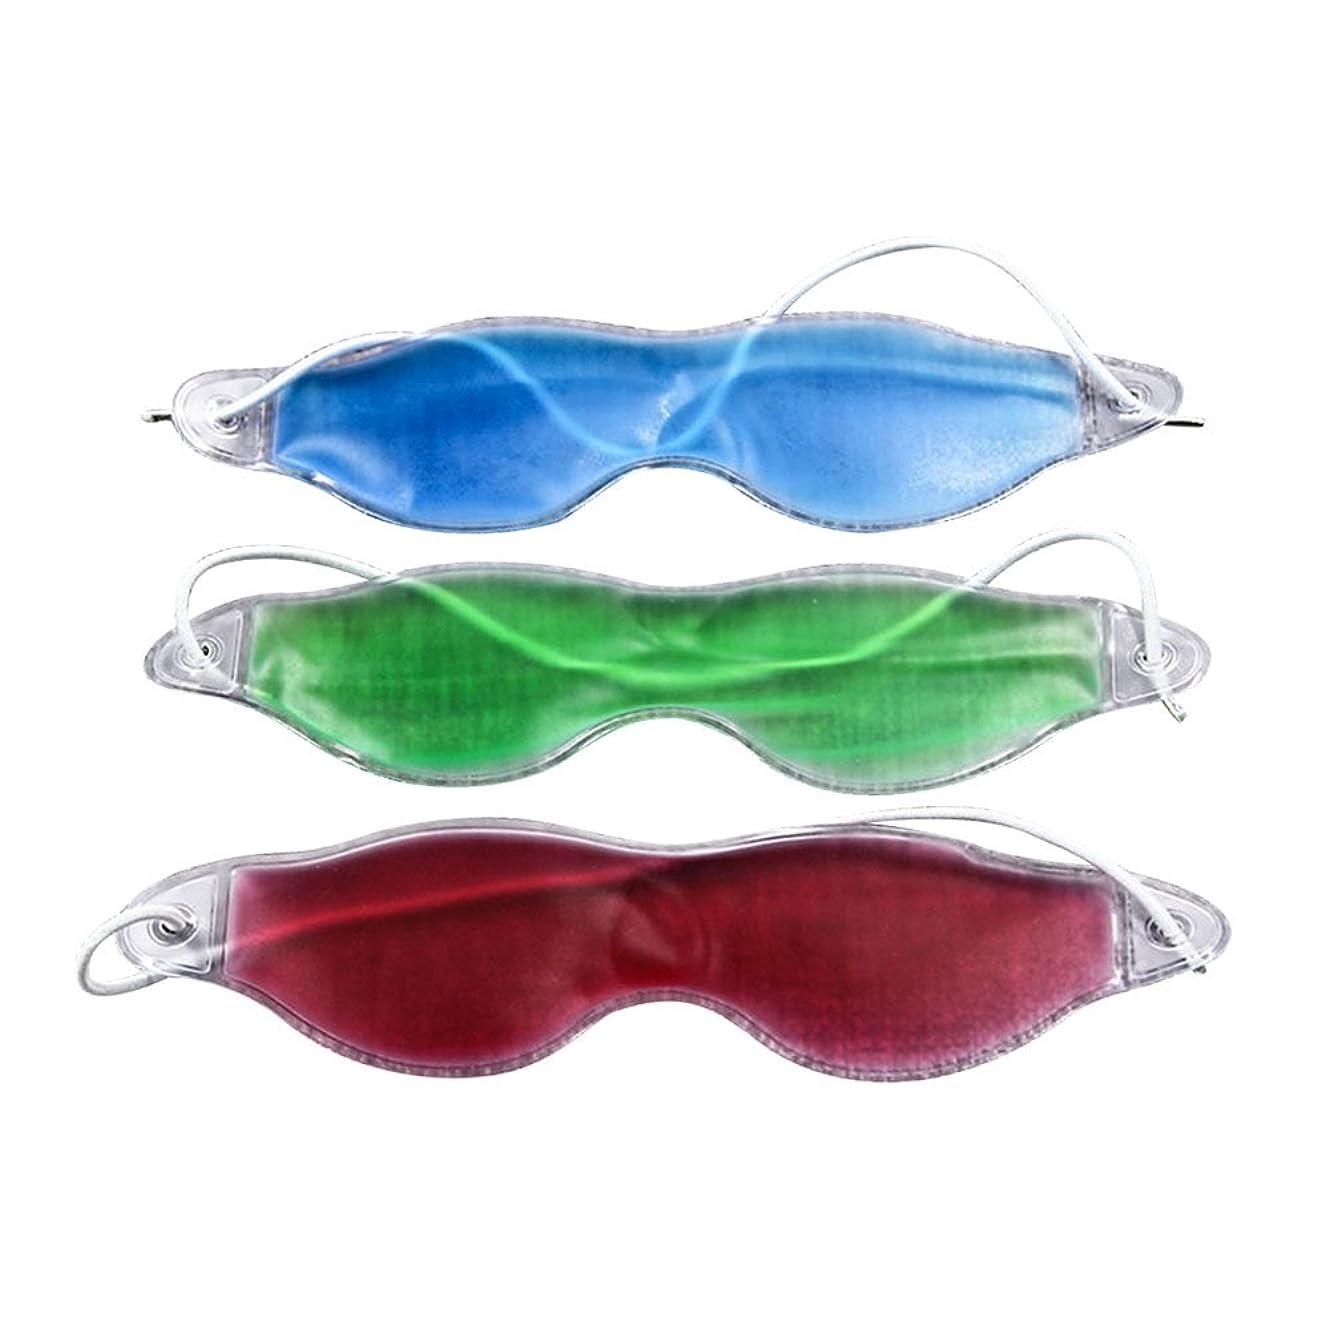 ネックレット高潔なネックレットSUPVOX 3ピースアイスアイマスクリラックス治療冷却ジェルコールドセラピーアイマスク用緩和ダークサークルアイパフネス飛行機旅行